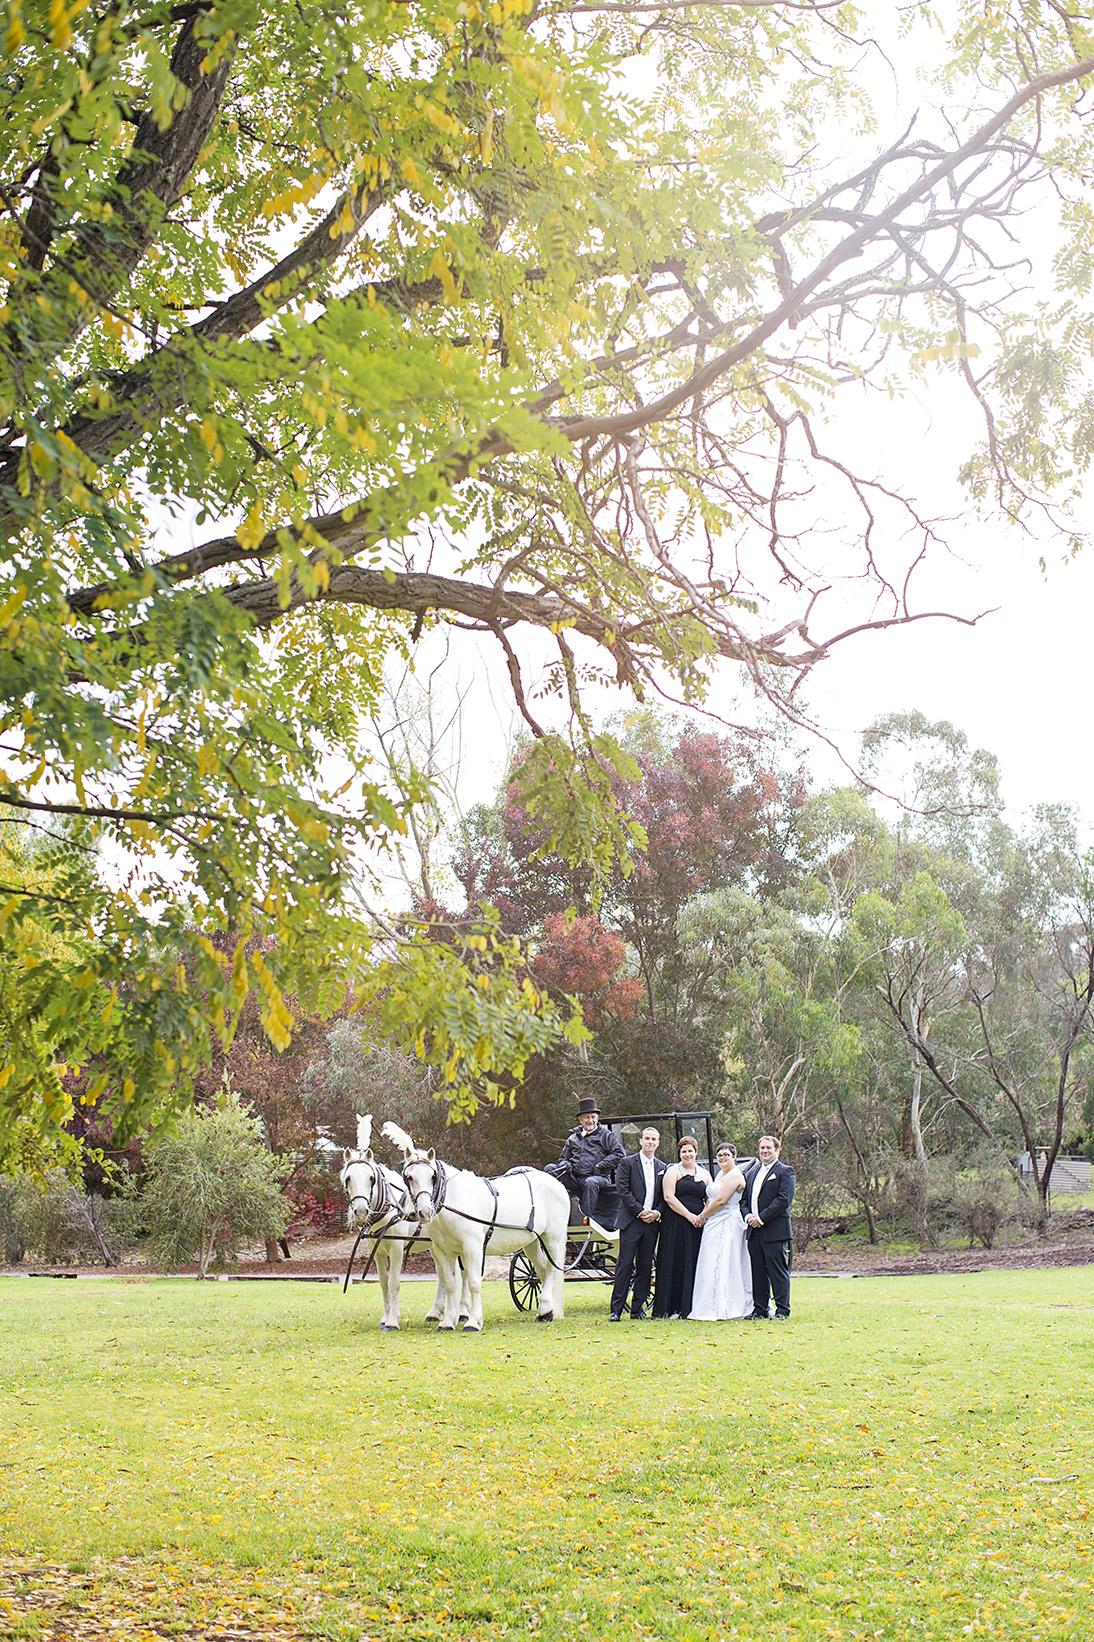 Clarendon Same Sex Wedding Photos 04 Horse & Carriag4.jpg